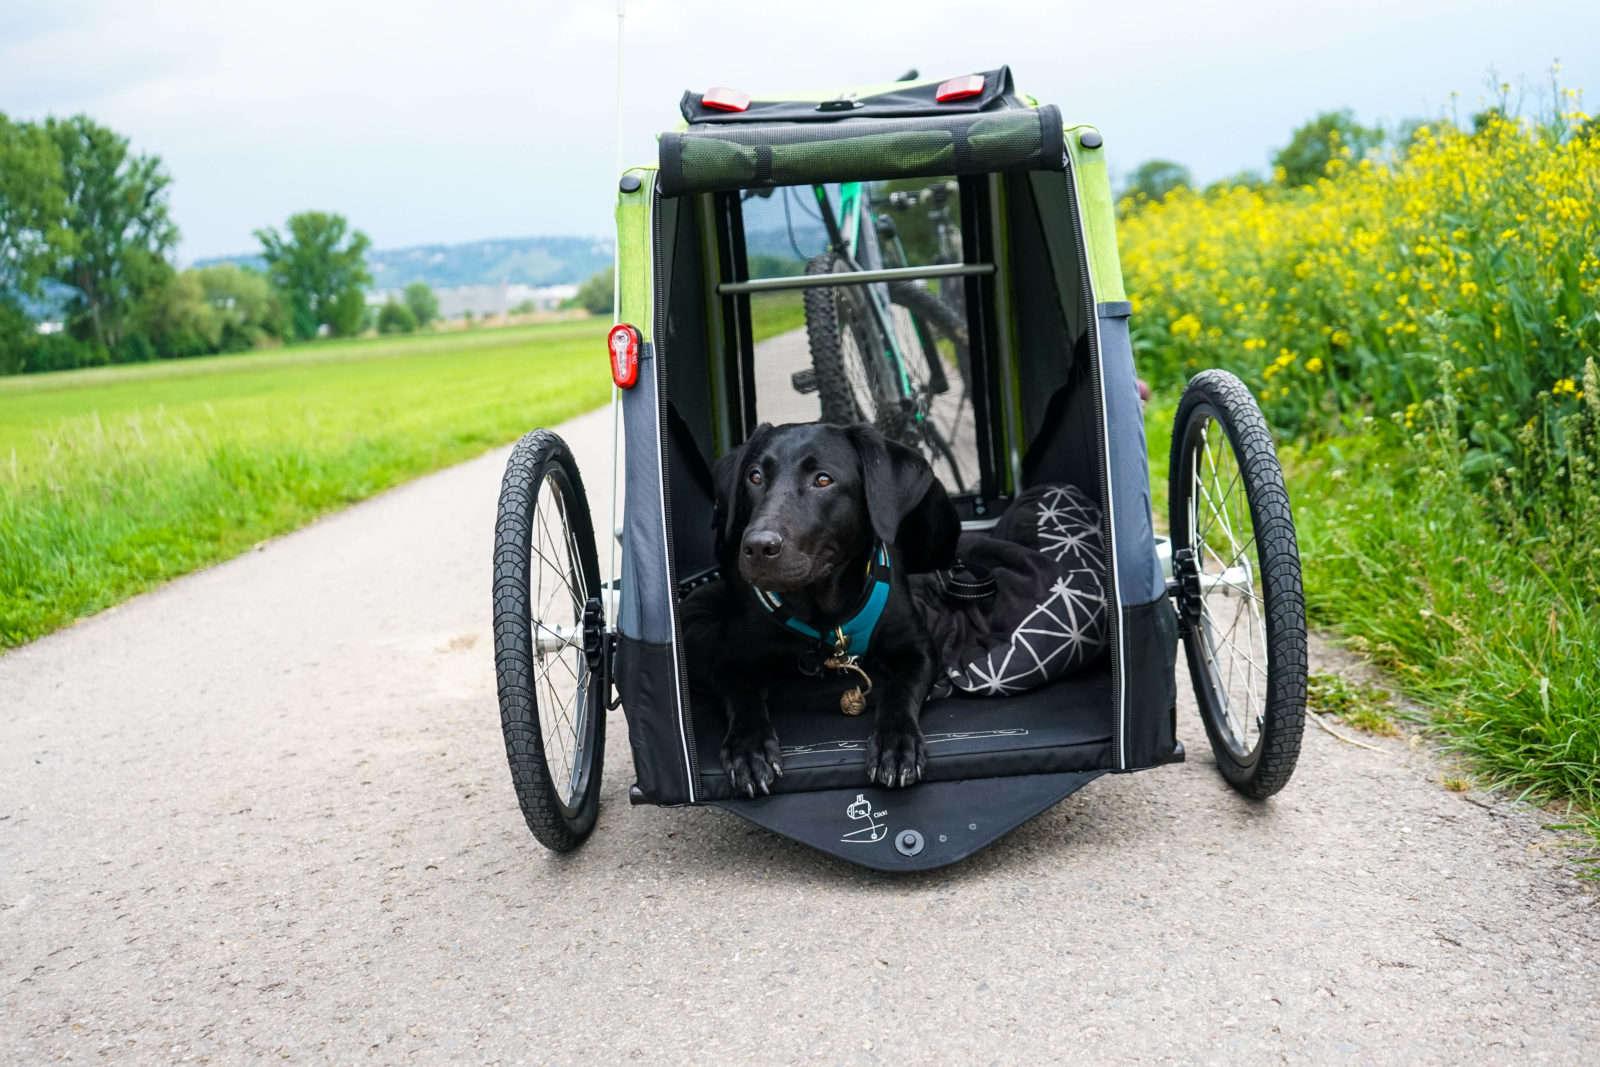 Produkttest - Croozer Hundeanhänger für Fahrrad